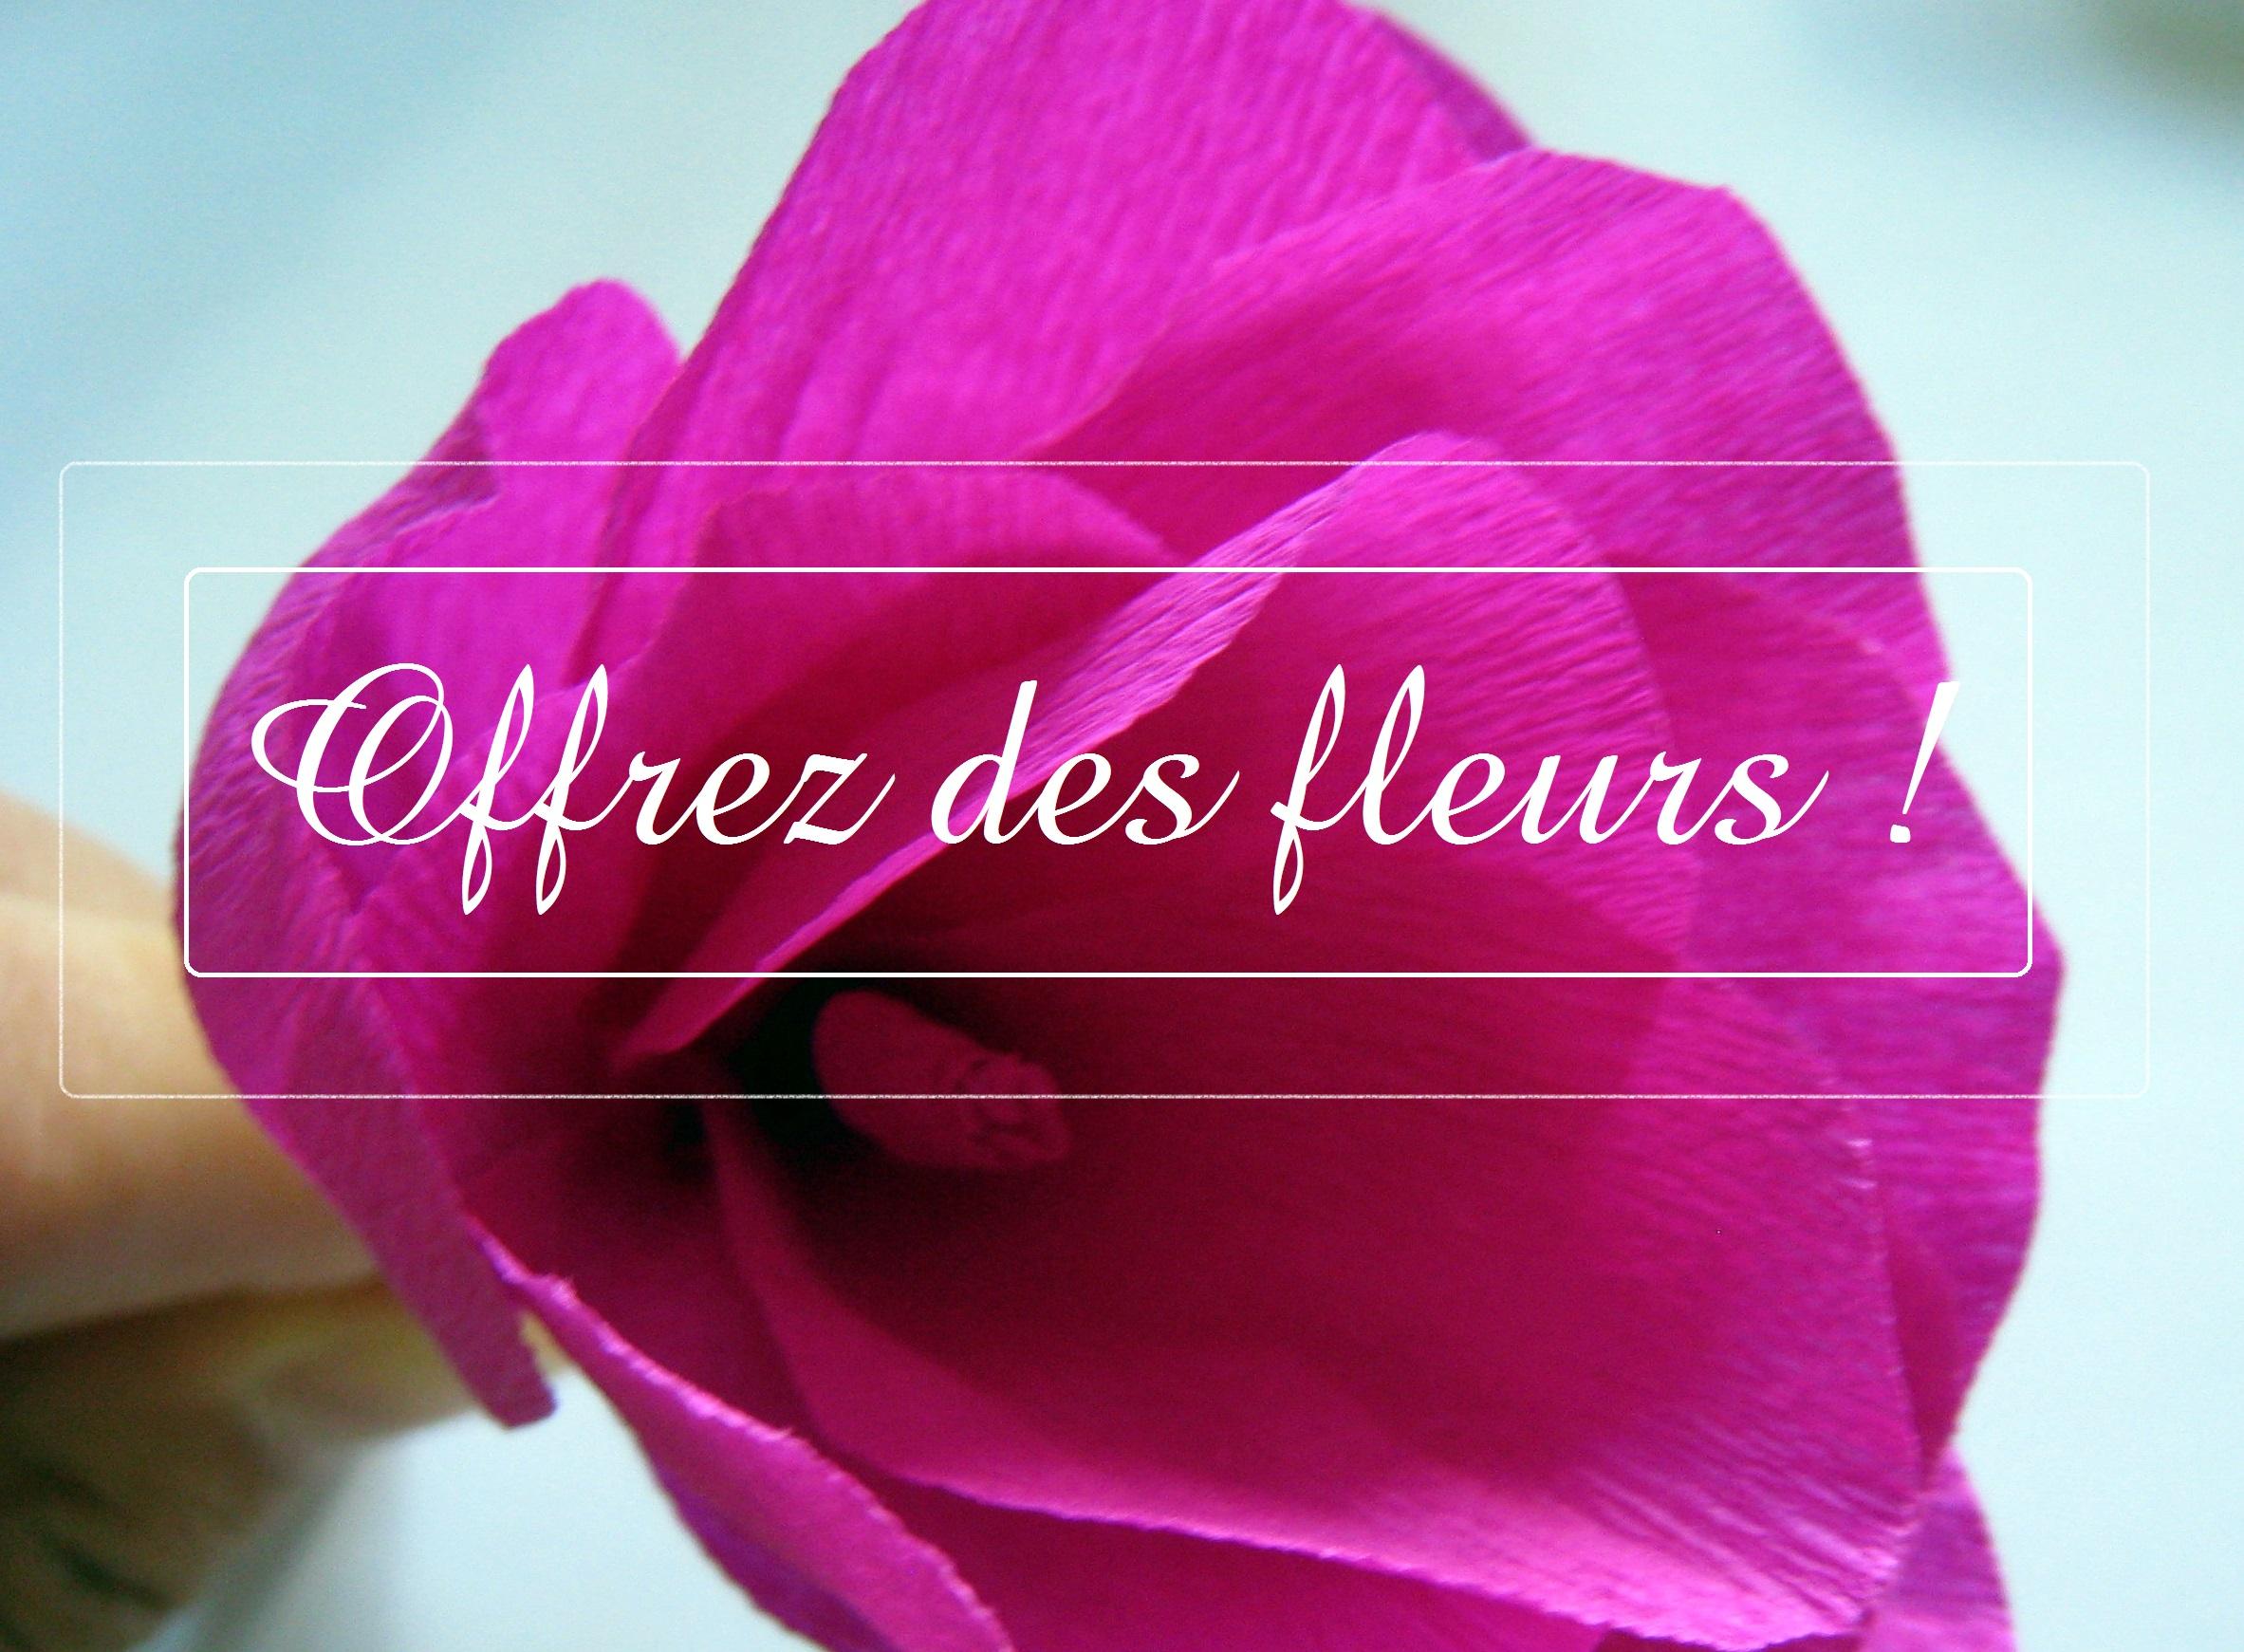 Offrez des fleurs !